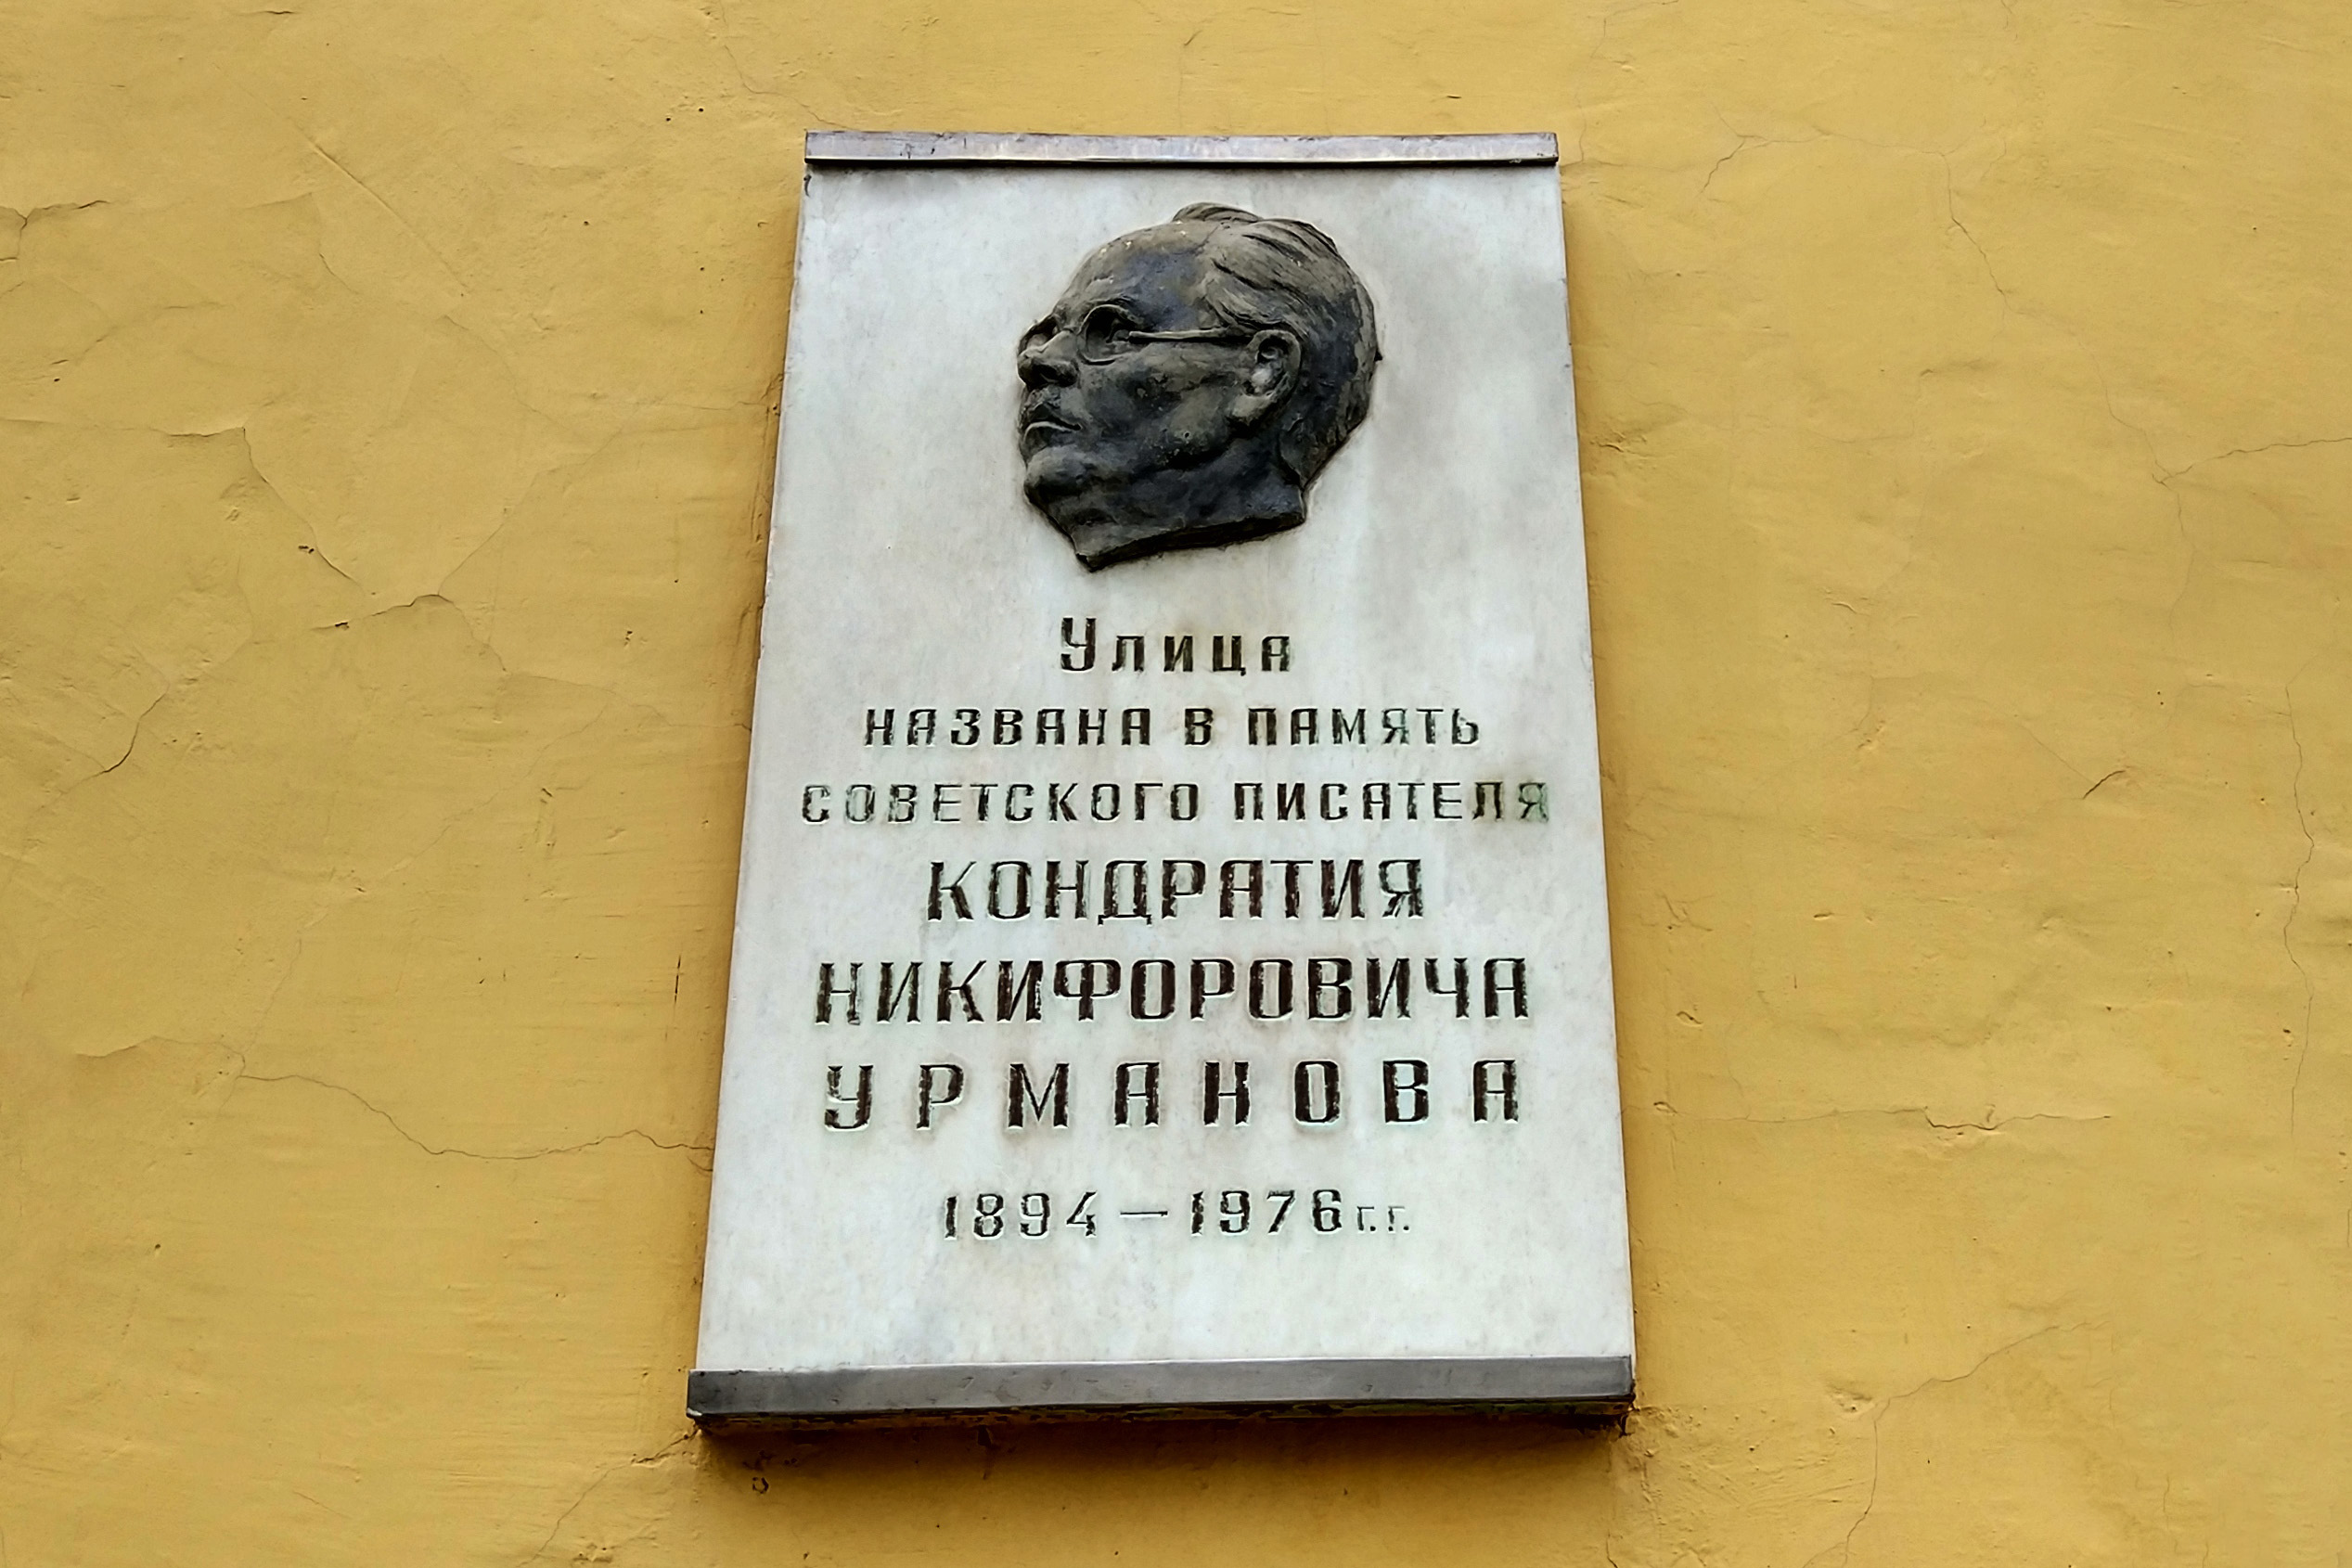 Мемориальная доска, посвящённая Кондратию Урманову